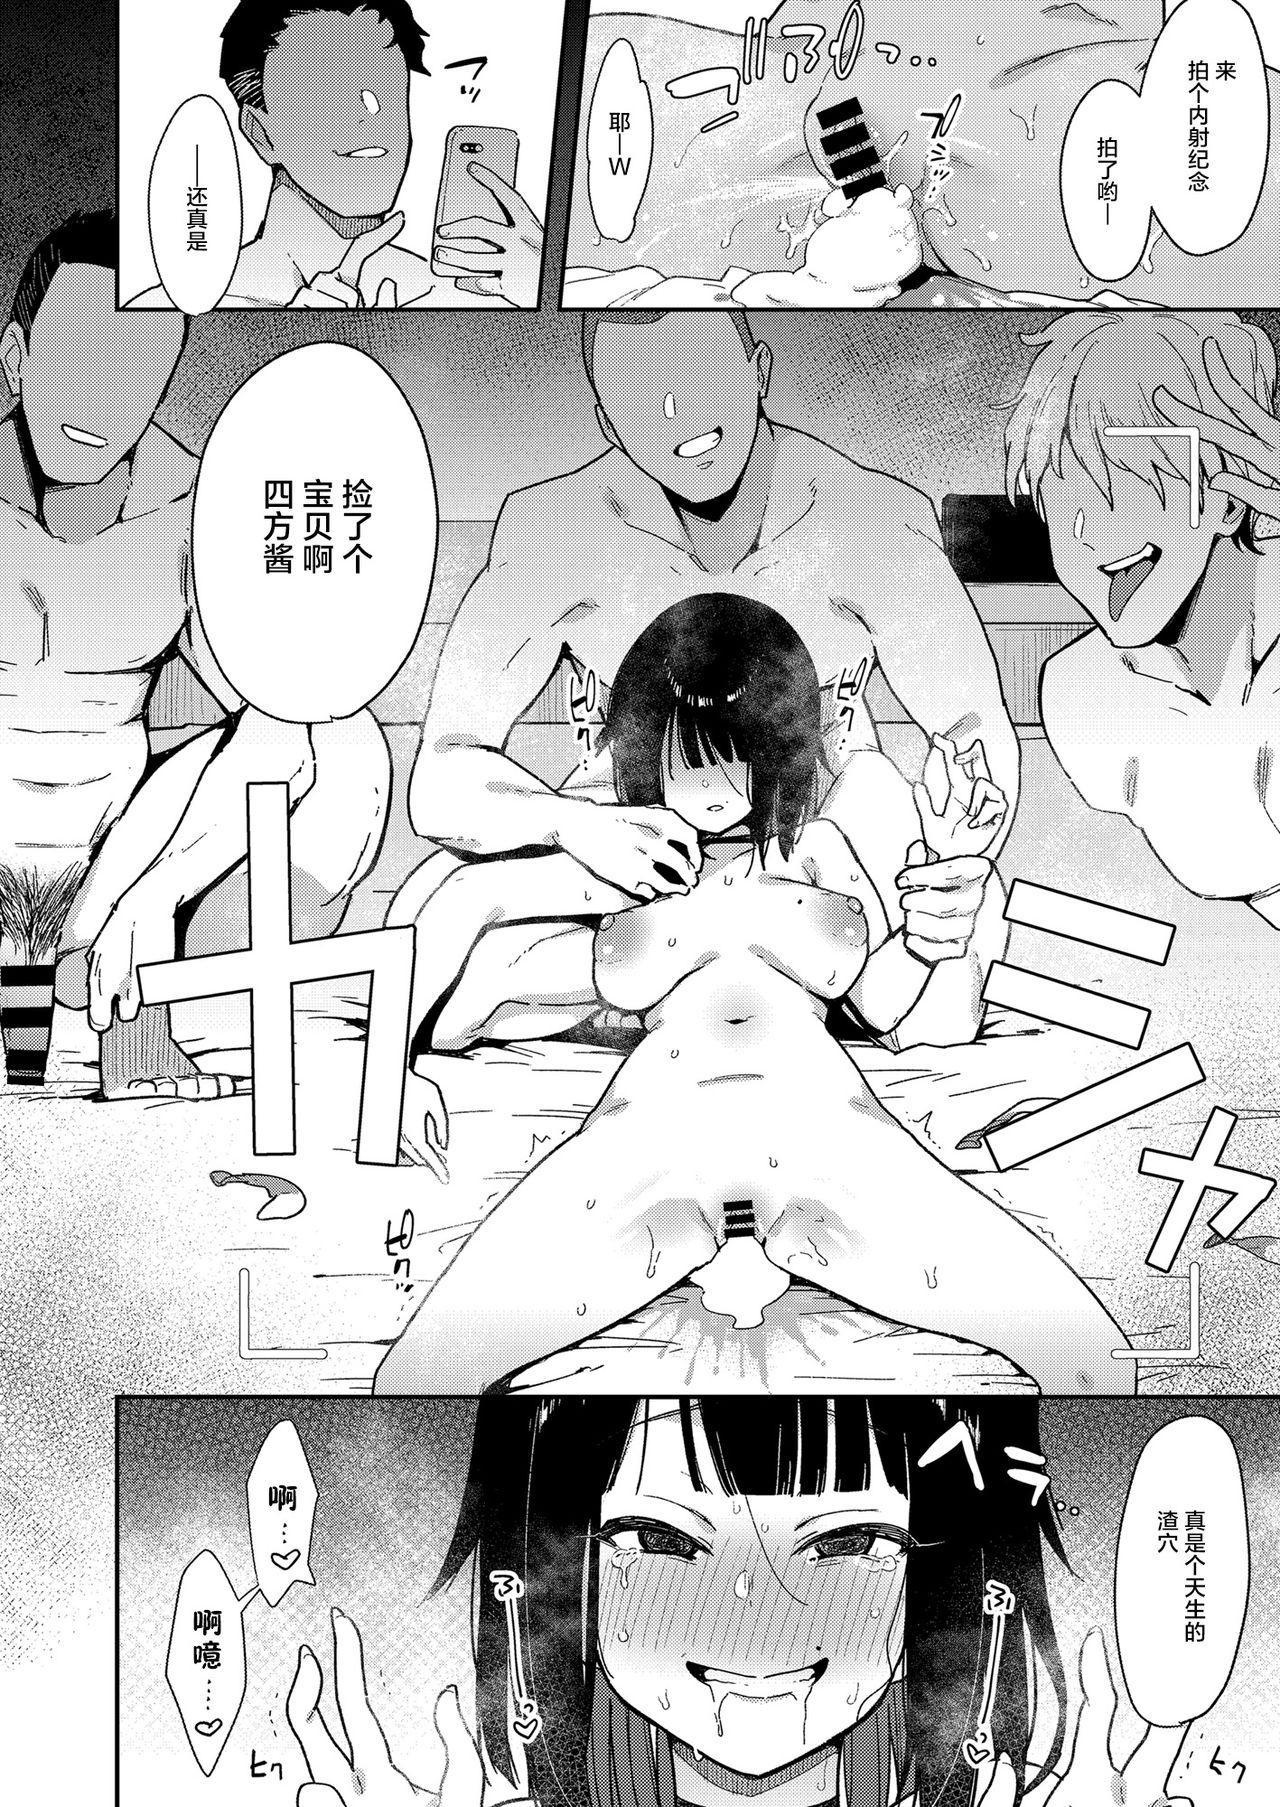 Chouko III Akuyuu Ijou Koibito Miman no Osananajimi ga Shiranai Tokoro de Yarichin ni Hamerare Seirinri o Kanzen Hakai sareru made 43